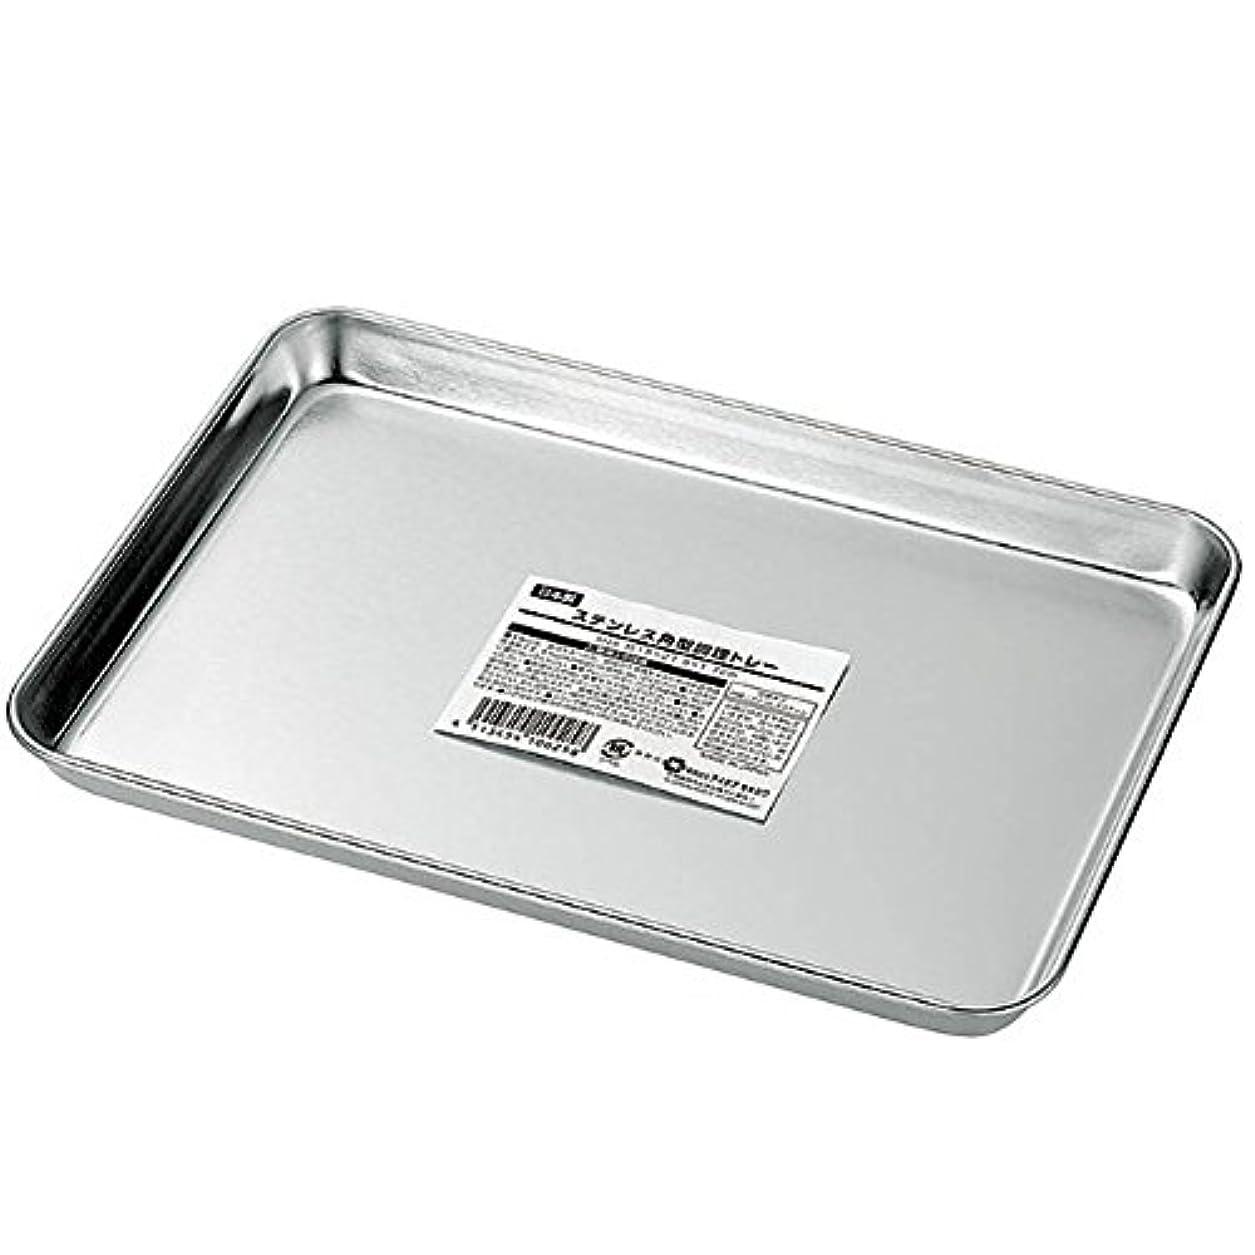 特性バンク顧問エコー金属 ステンレス角型調理トレー 0321-099